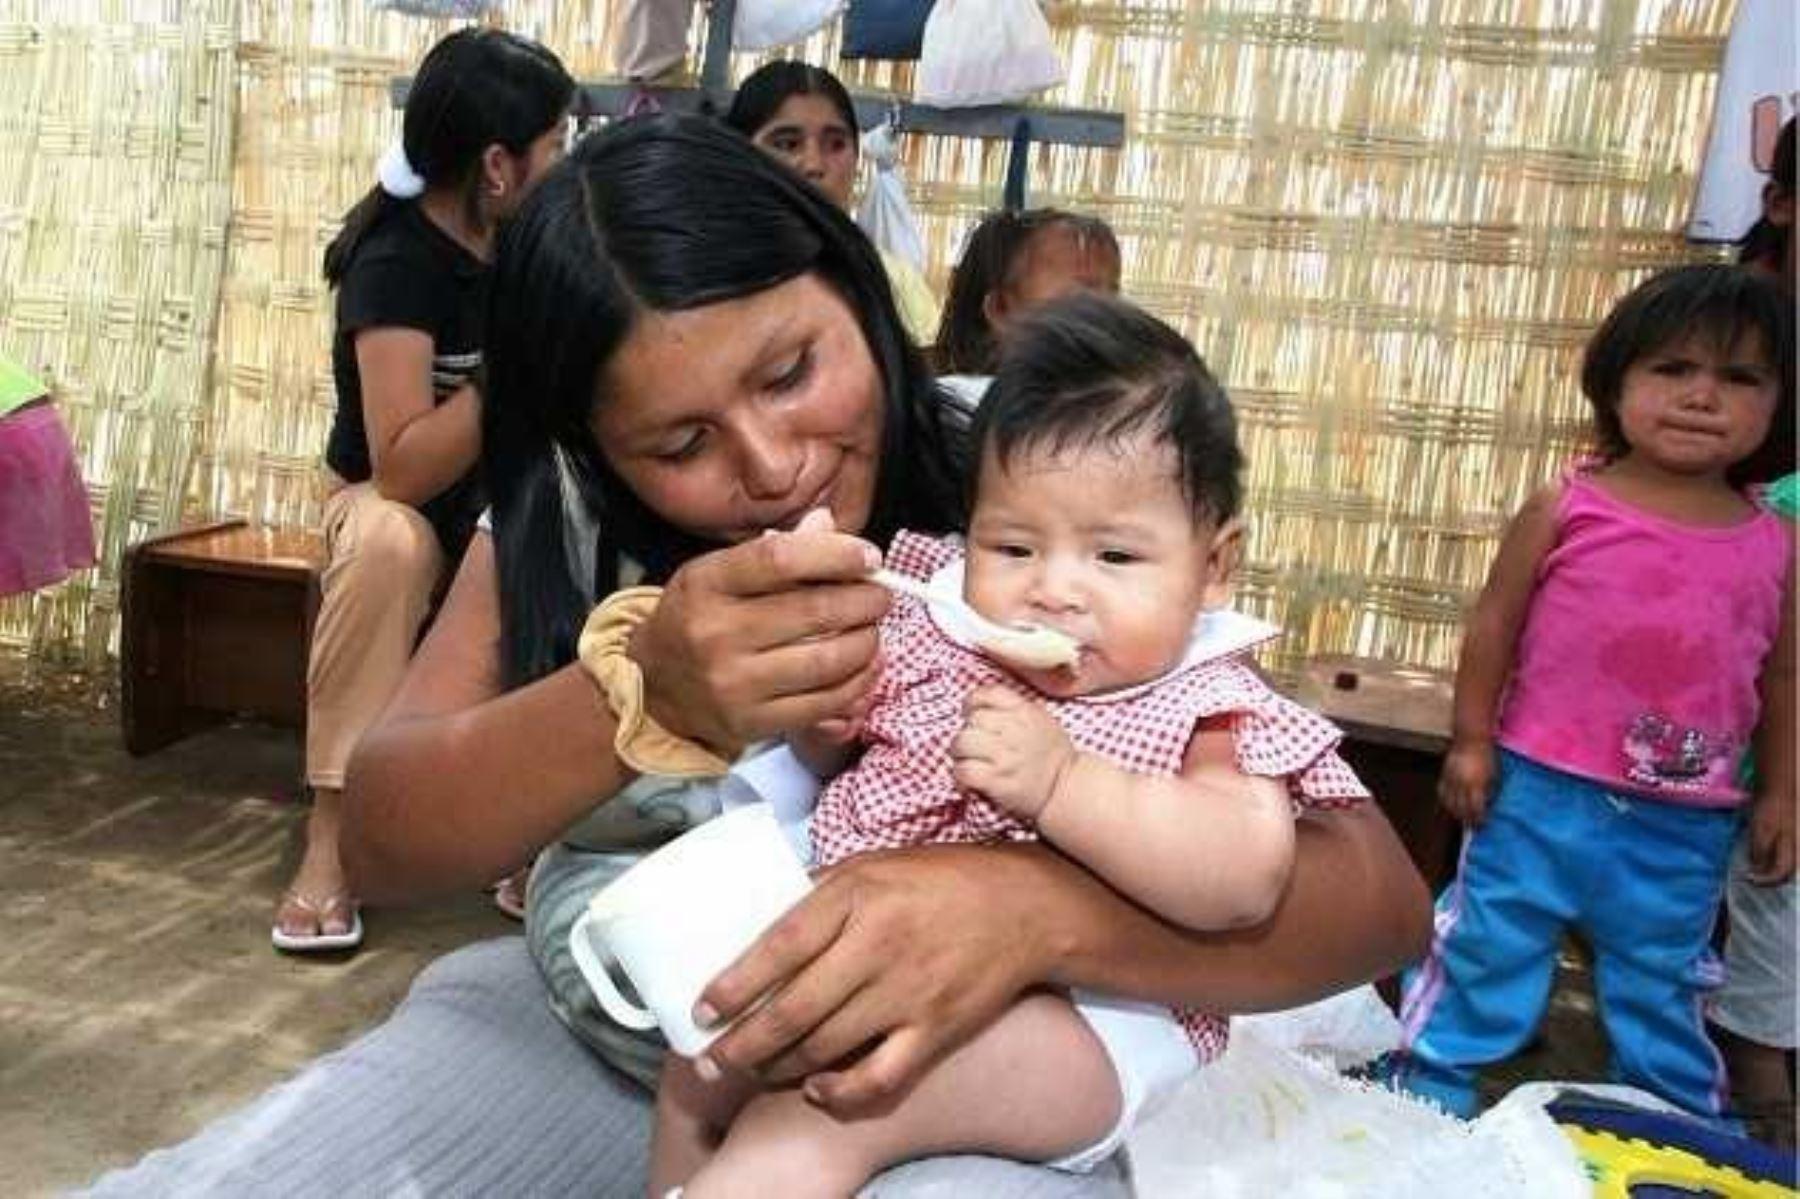 Con la finalidad de prevenir la anemia y la desnutrición crónica infantil en el país, el Ministerio de Salud (Minsa) formará grupos de apoyo que brindarán el acompañamiento a las madres de las niñas y niños menores de 3 años para mejorar la alimentación, nutrición y el cuidado infantil.